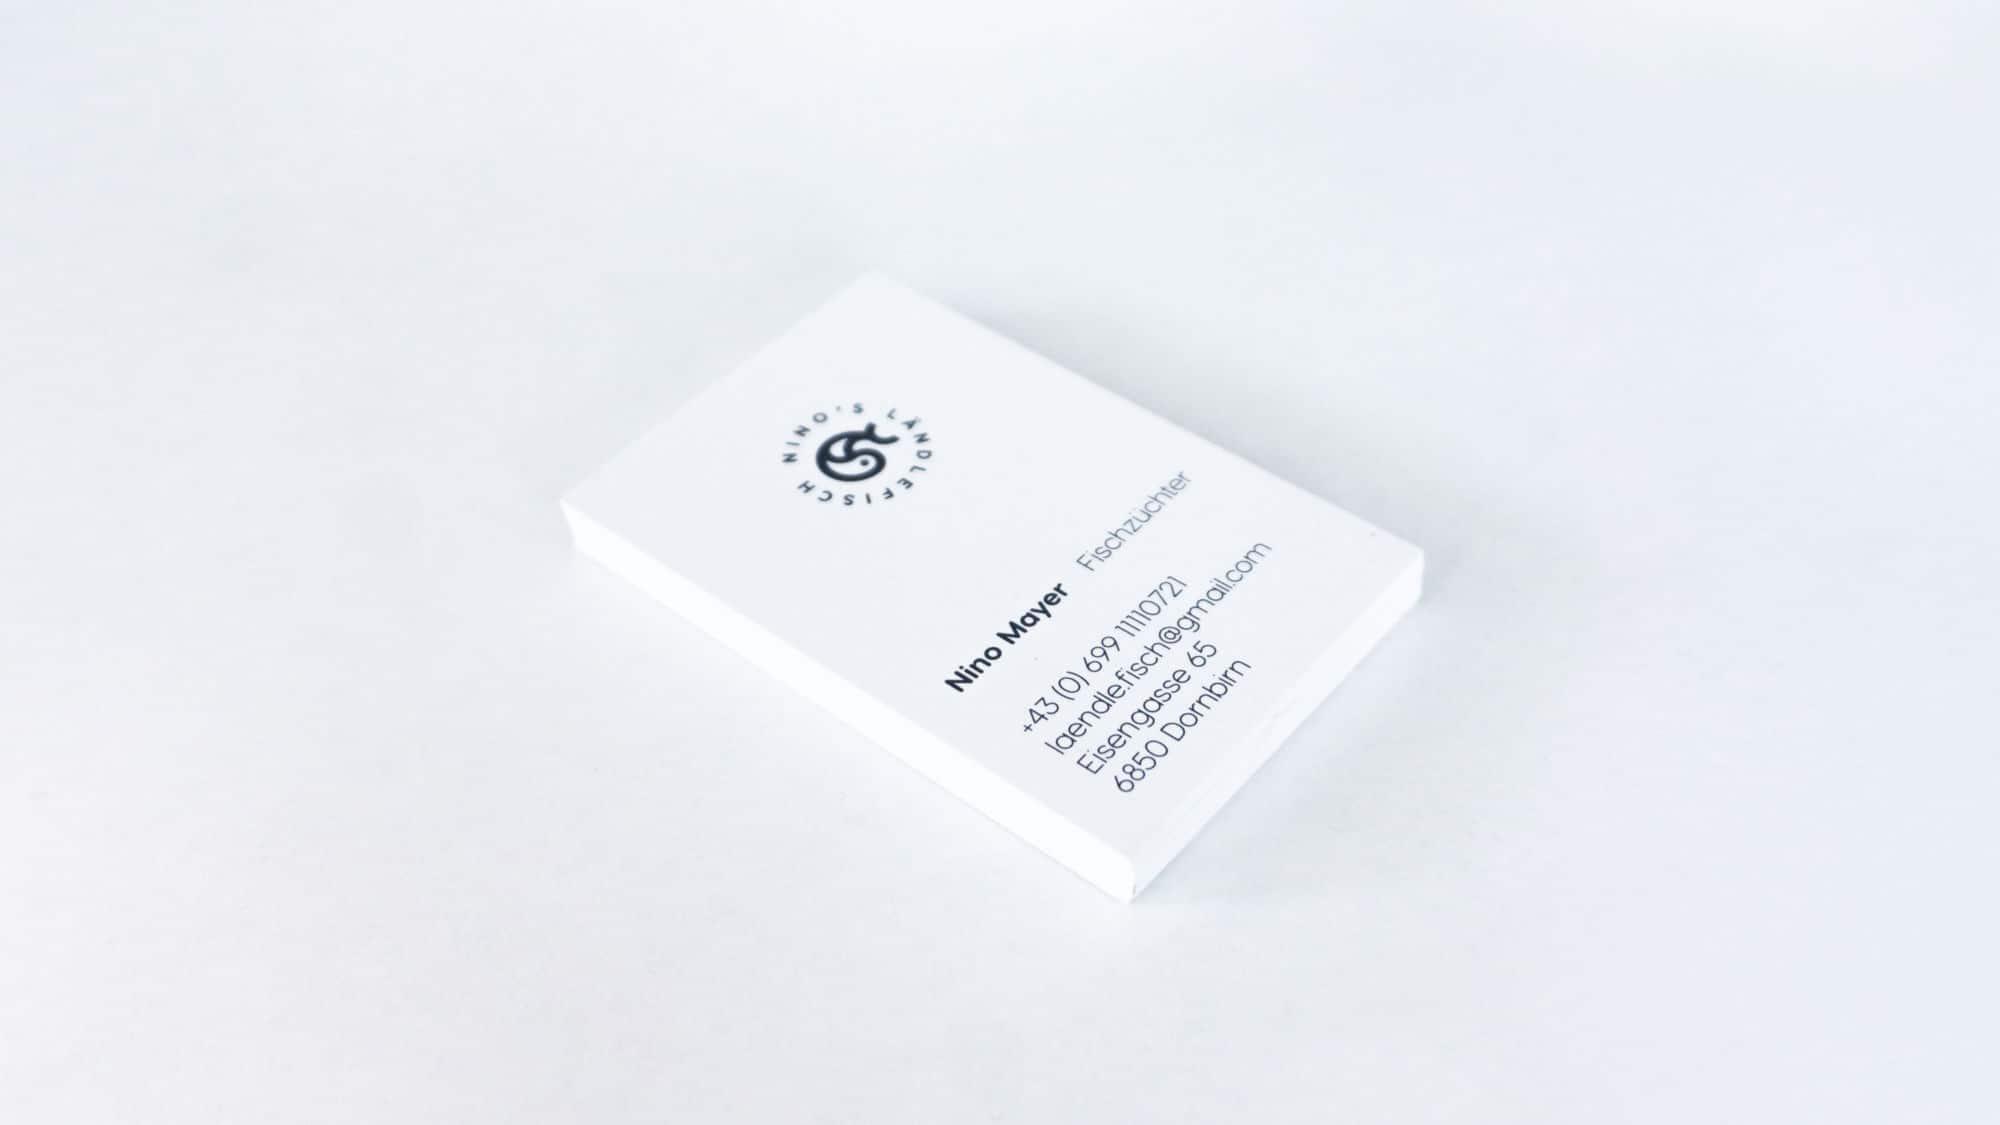 Nino S Ländlefisch Viergestalten Designkollektiv Dornbirn